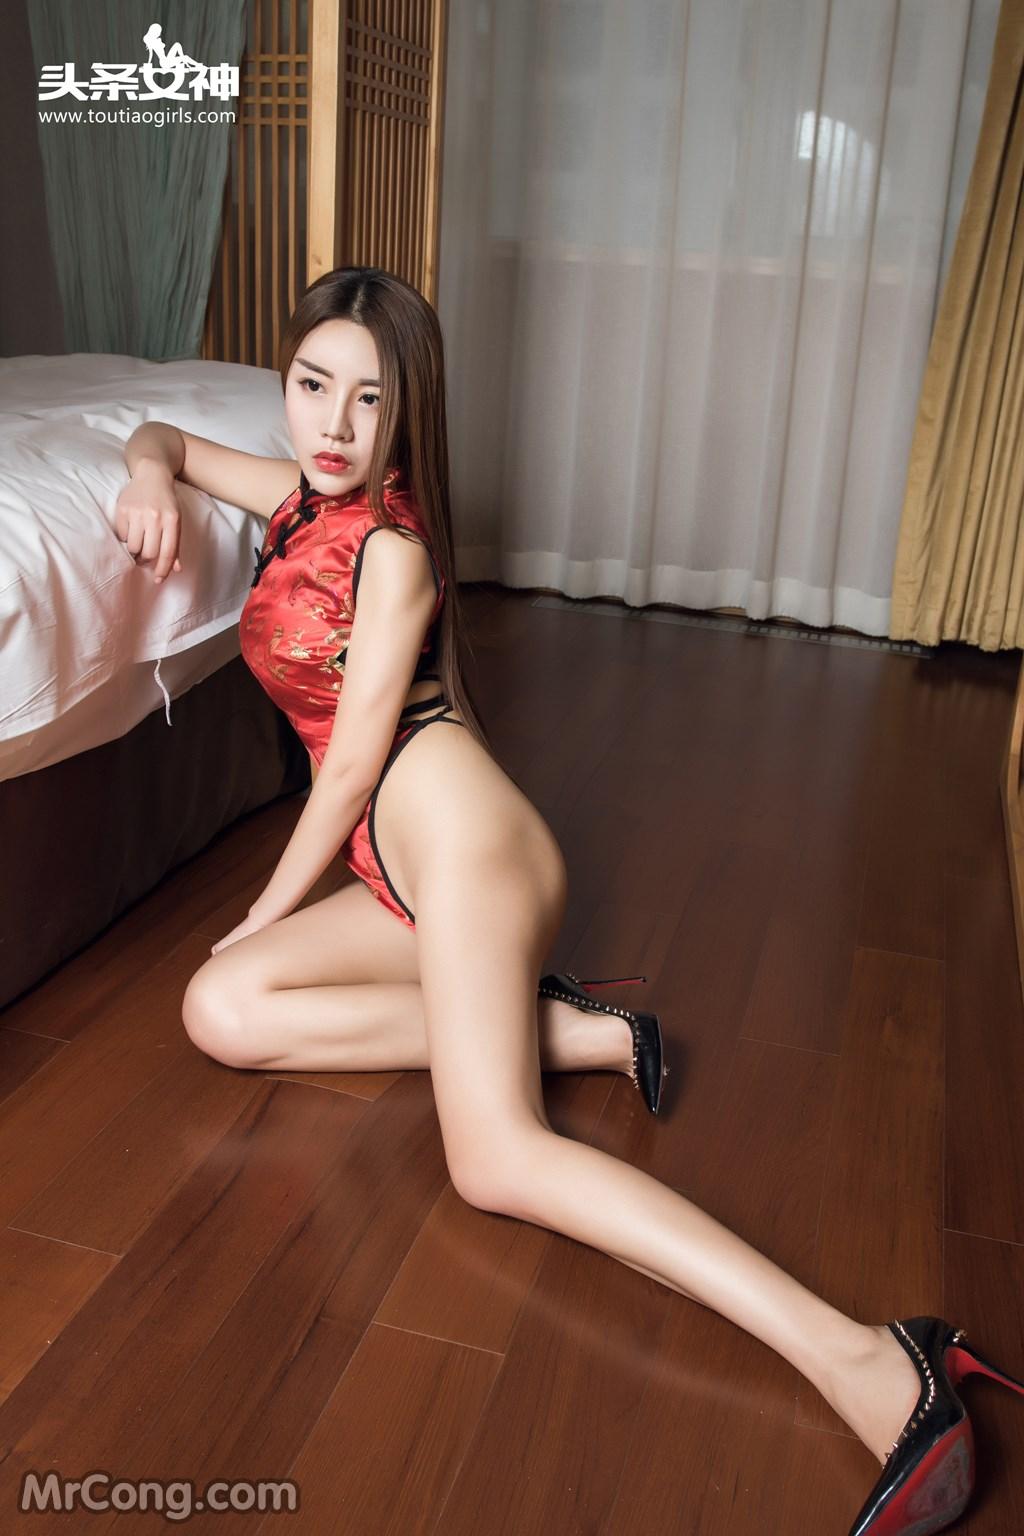 Image MrCong.com-TouTiao-2016-12-13-An-Su-Rui-007 in post TouTiao 2016-12-13: Người mẫu An Su Rui (安苏芮) (18 ảnh)